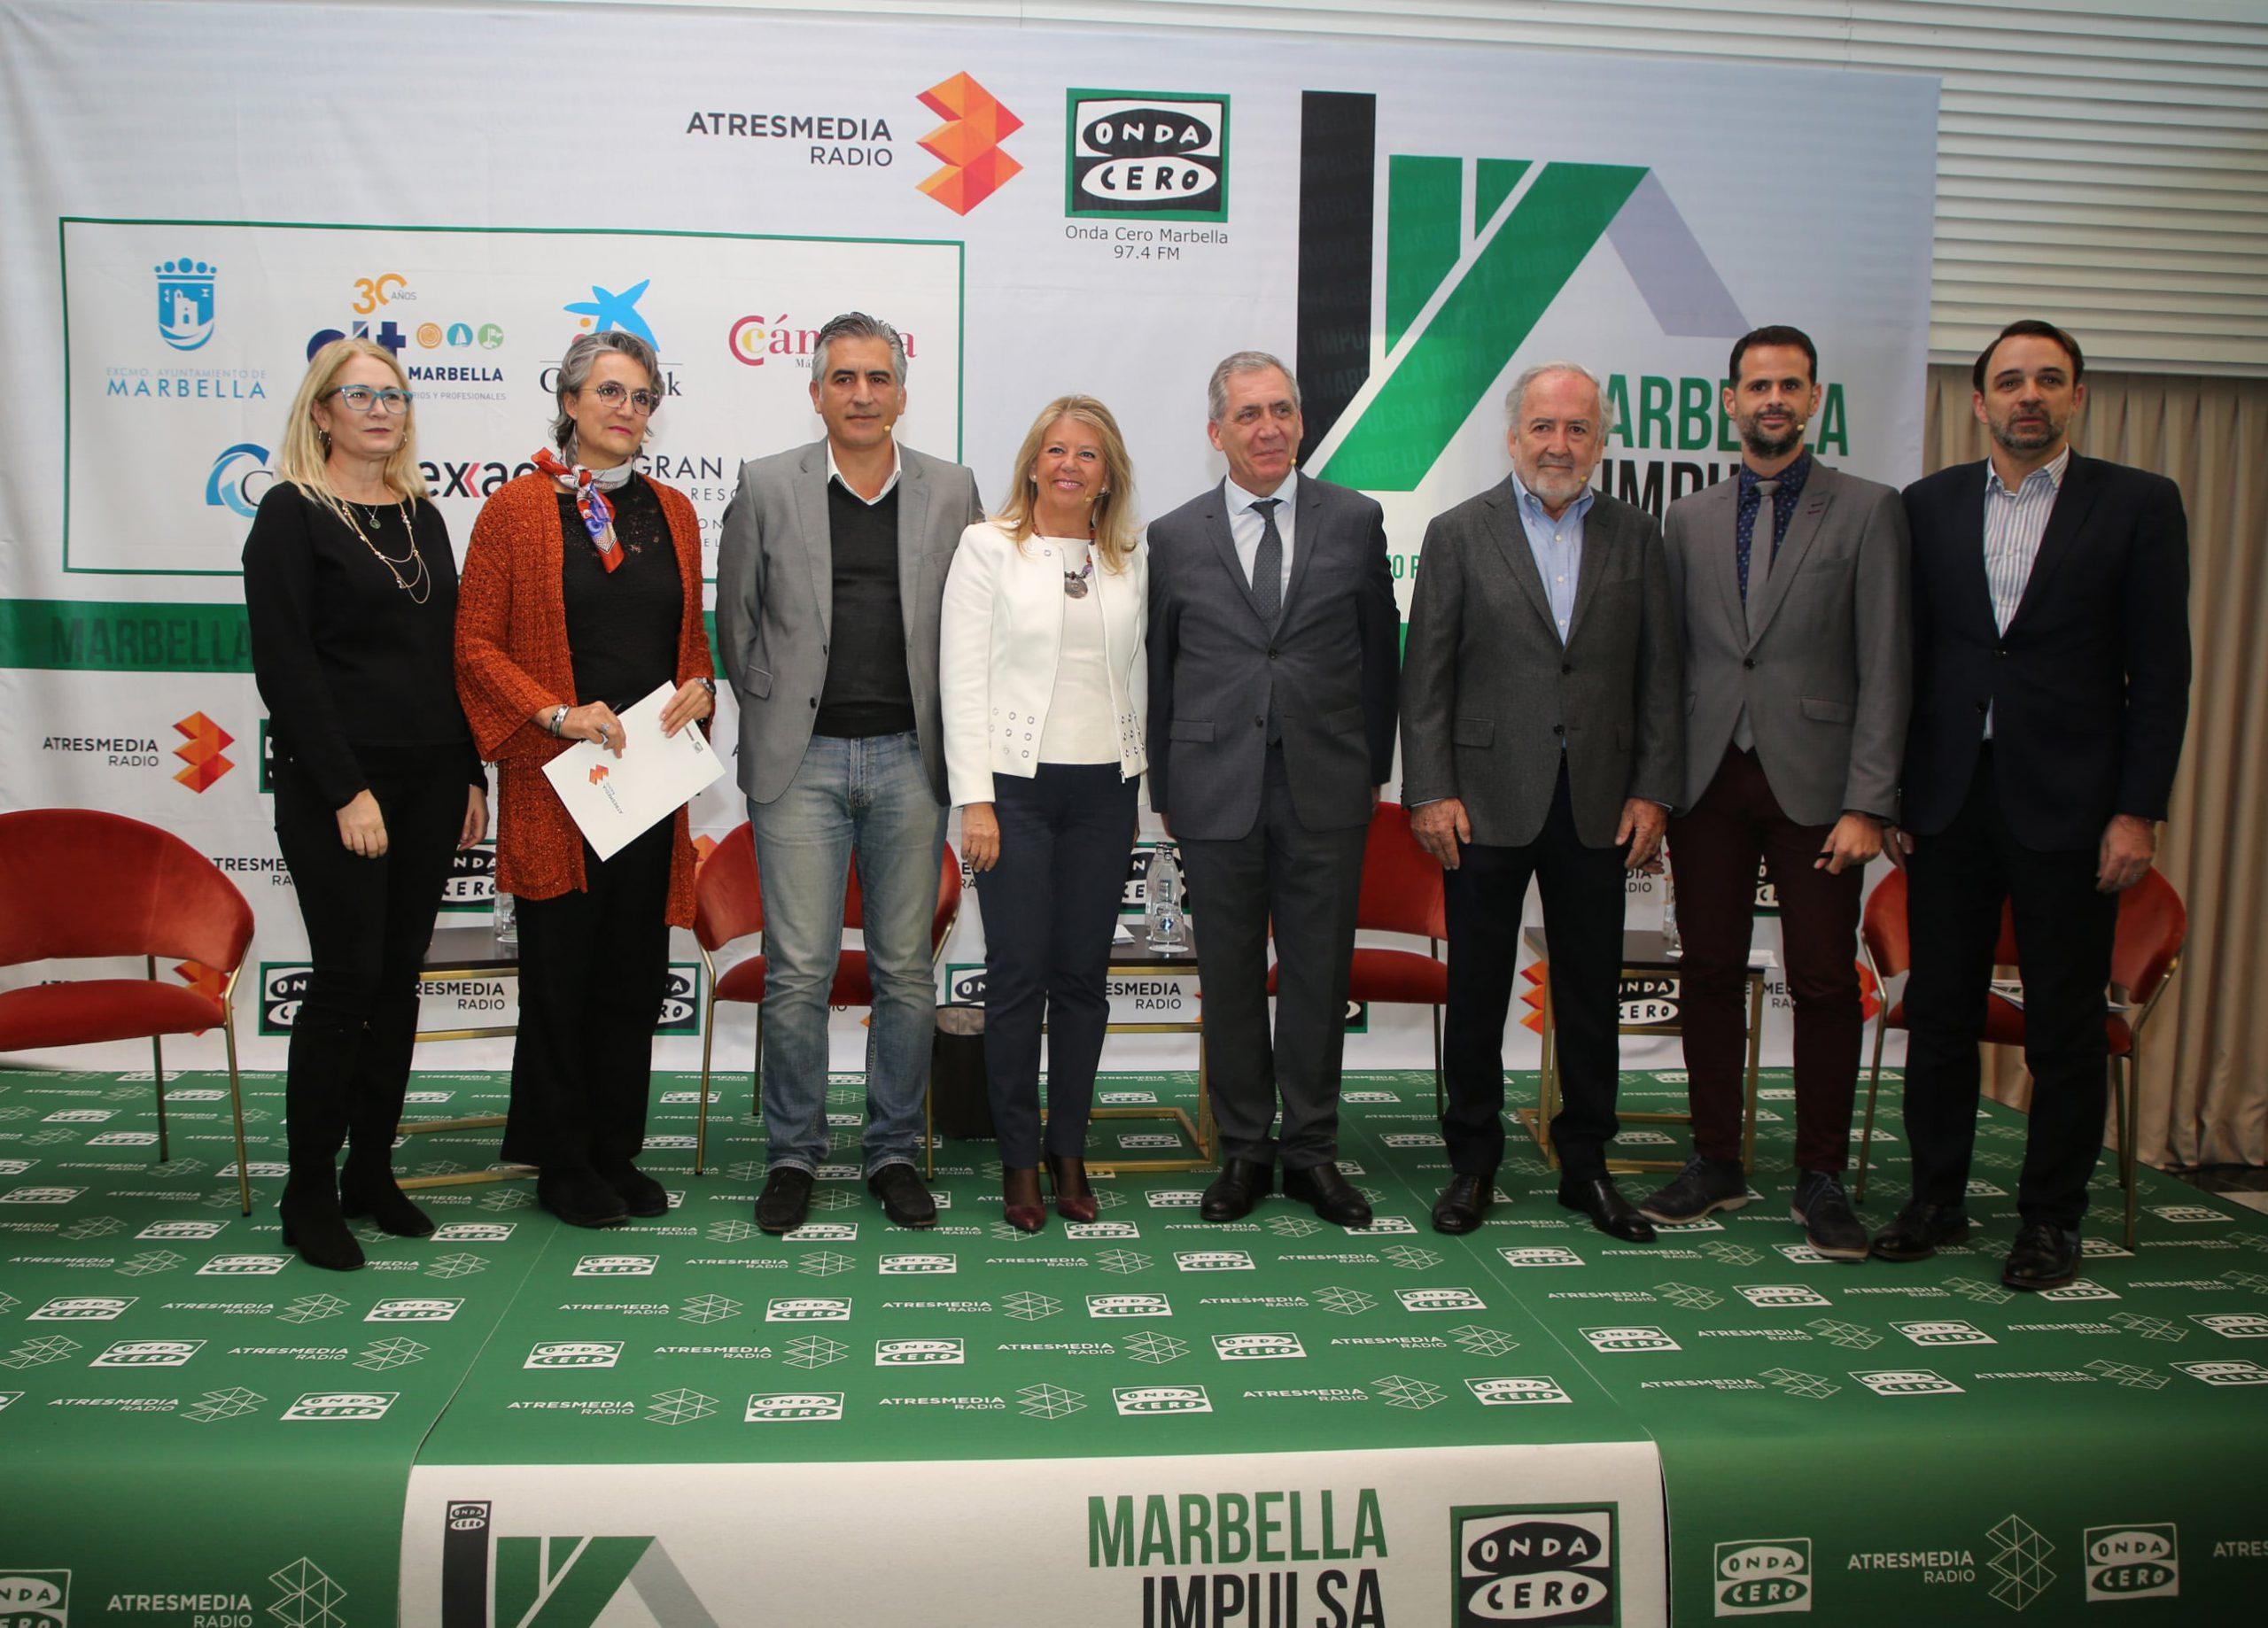 Celebrado el foro 'Marbella Impulsa' de Onda Cero Marbella